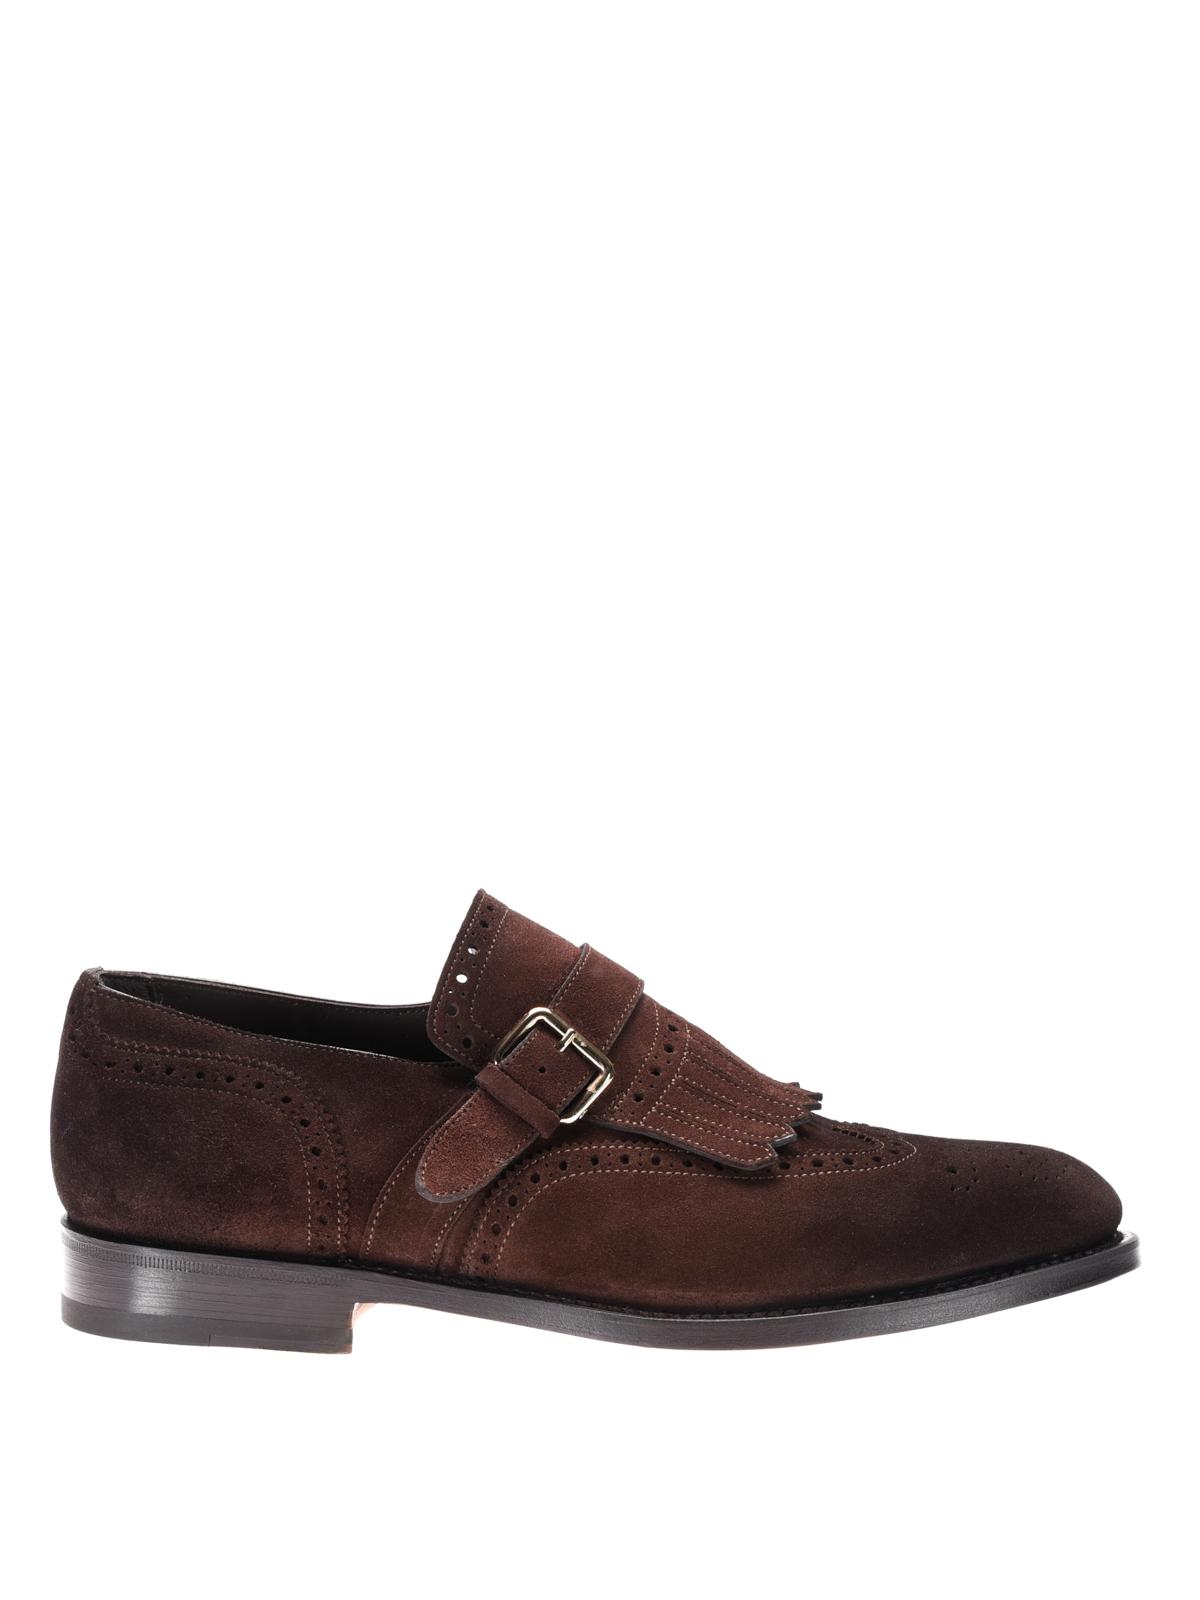 Santoni - Mocassin - Couleur Unie - Mocassins   Chaussures bateau ... 91244ddee5dc